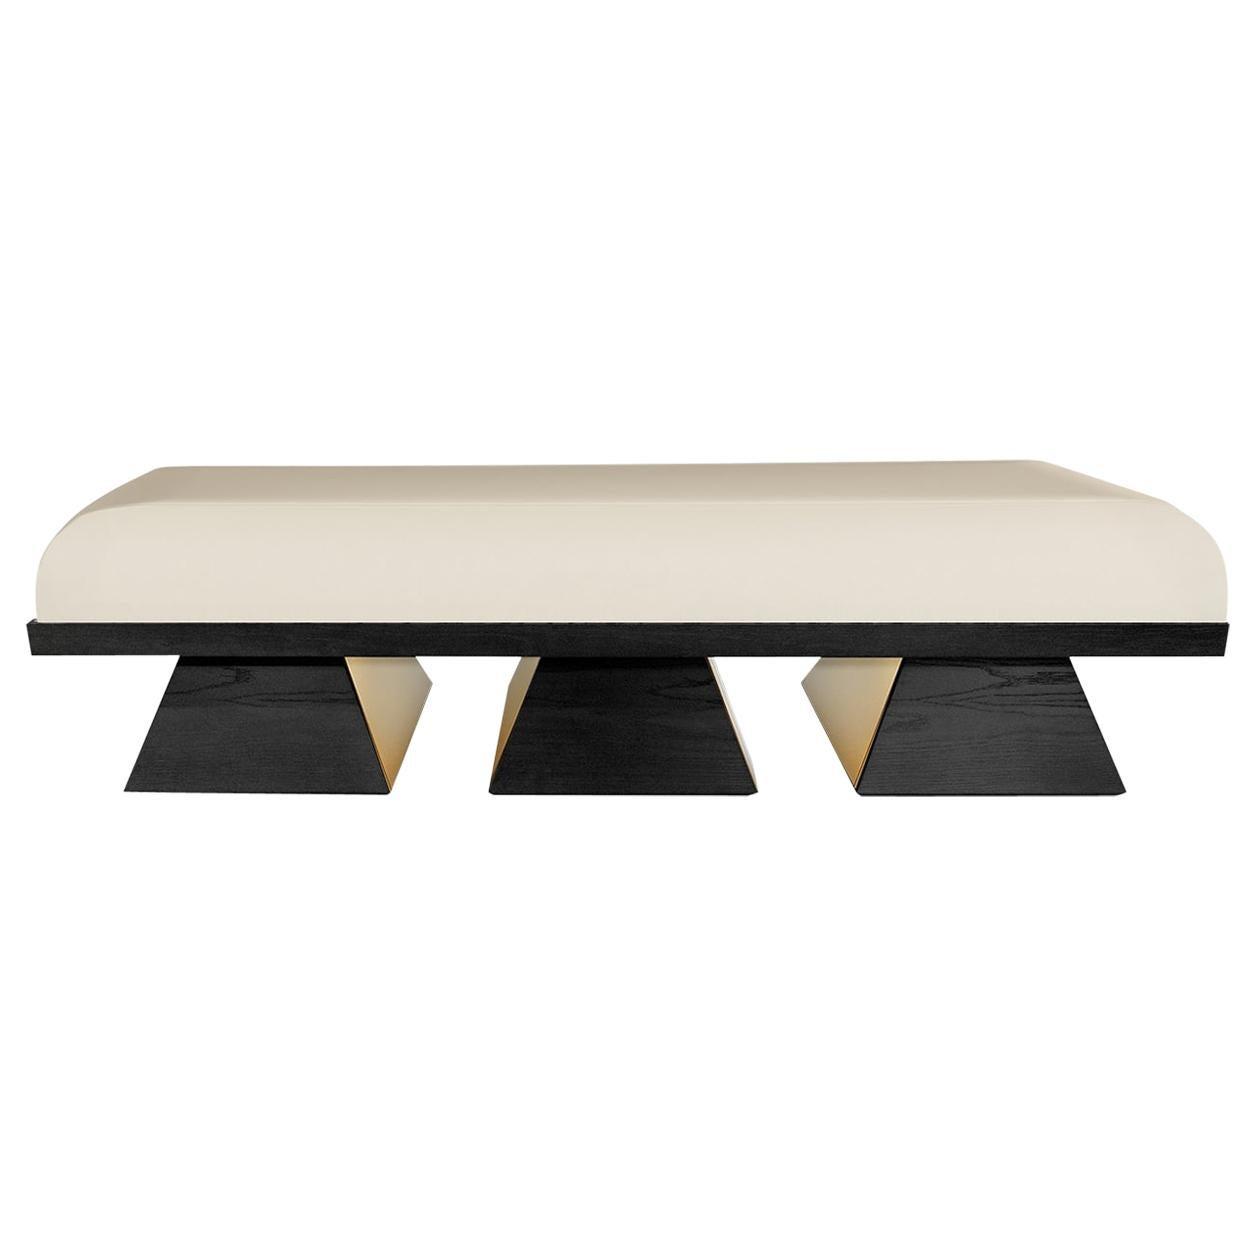 Modern White Velvet Upholstered Bench with Black Wenge Legs Gold Stainless Steel